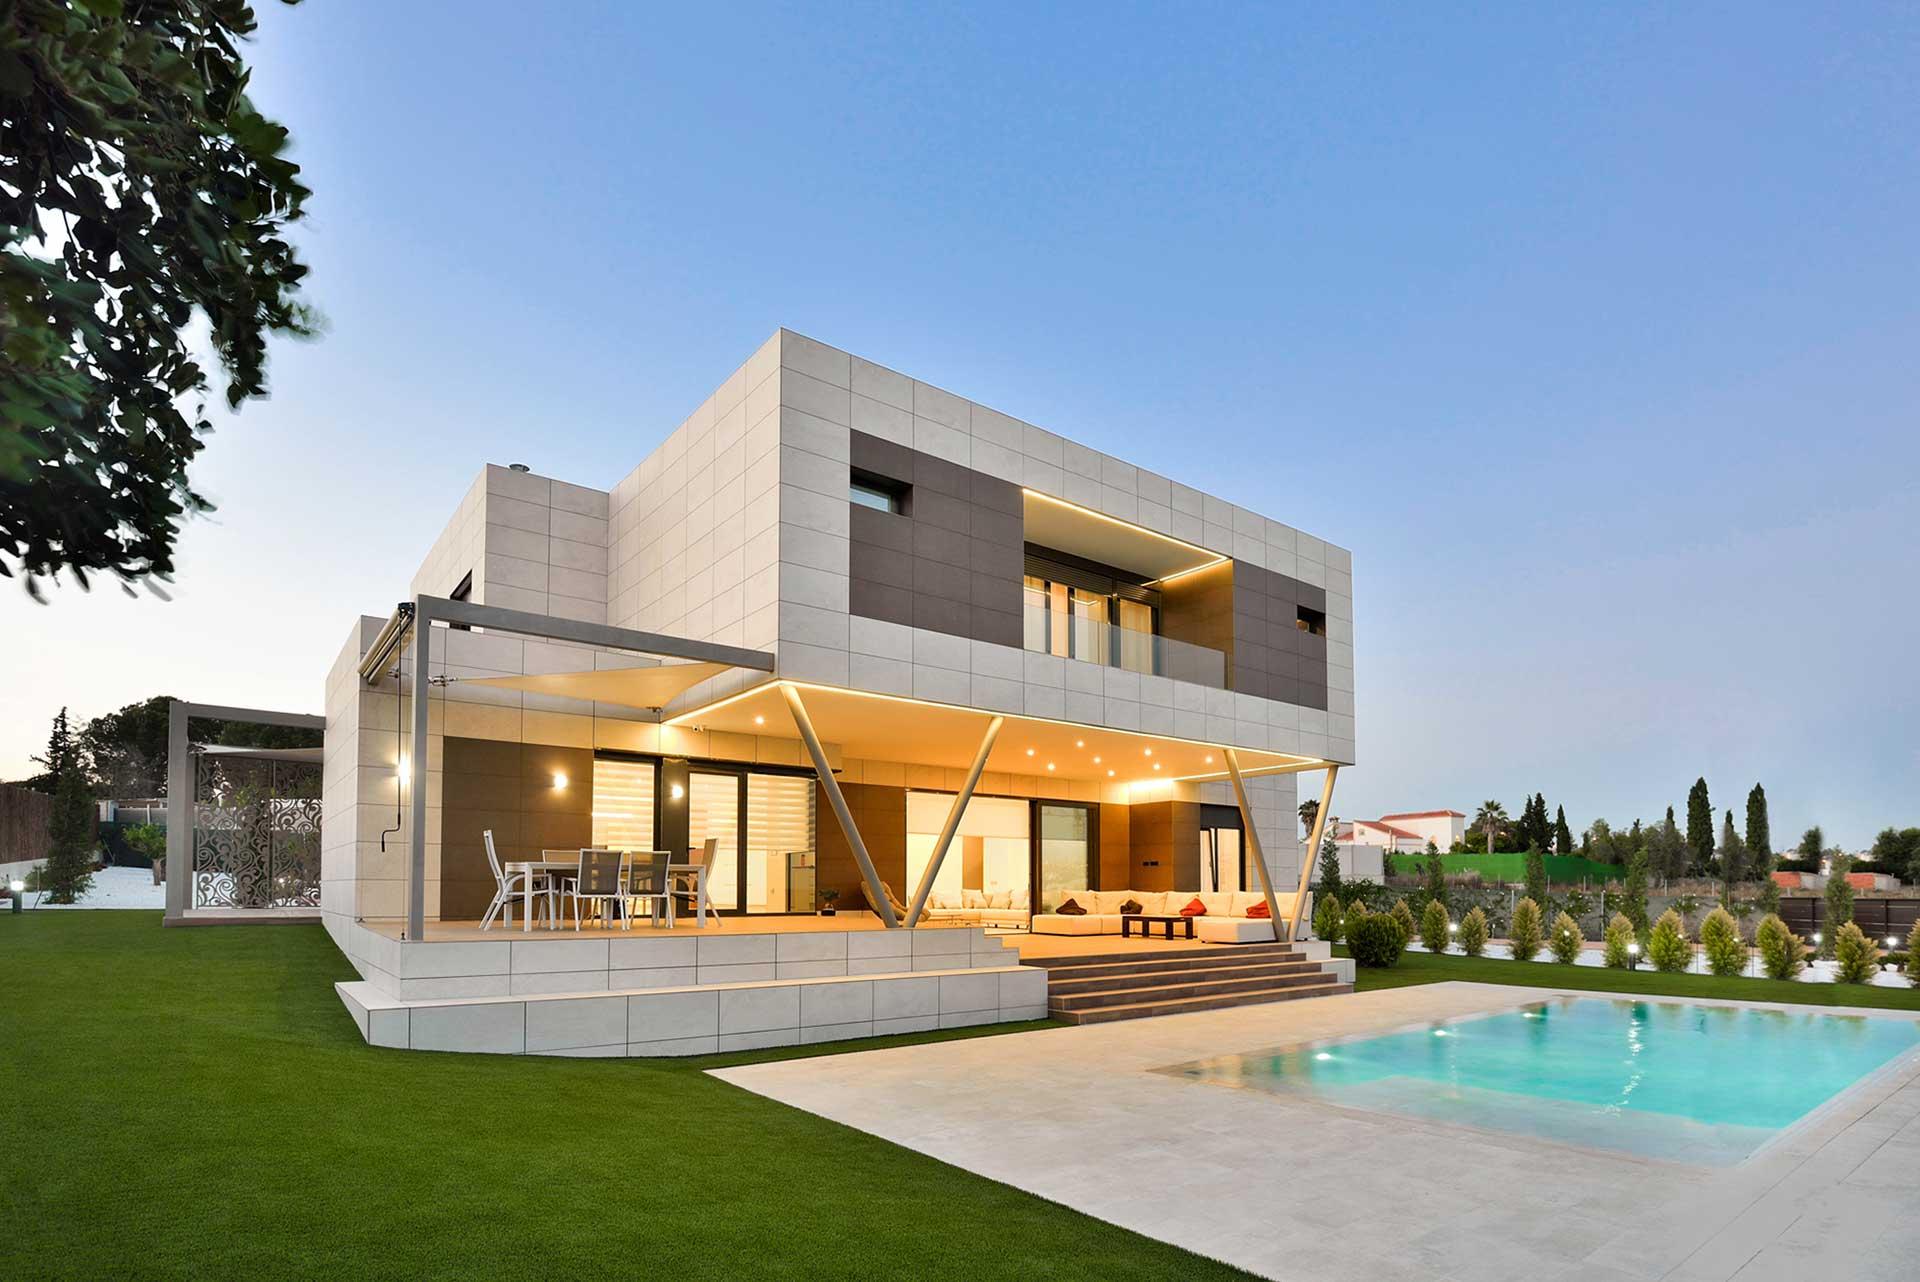 Arquitectura Moderna con Fachadas Modulares